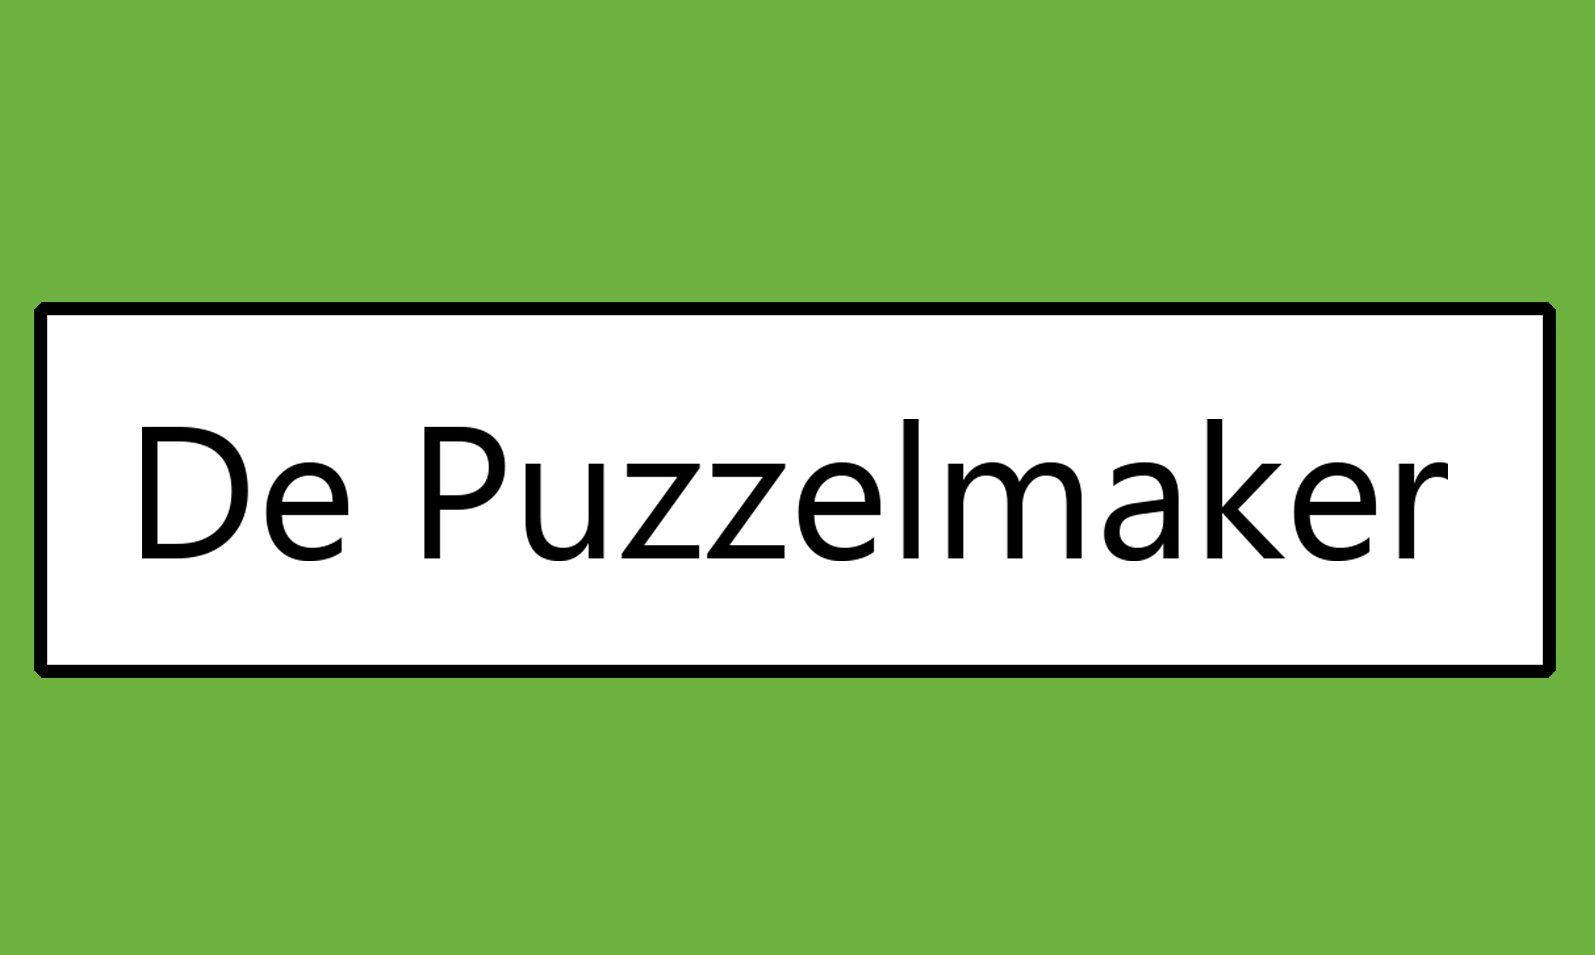 Marije van Asselt De Puzzelmaker Puzzels Denksportpuzzels Kruiswoordpuzzel Denksport